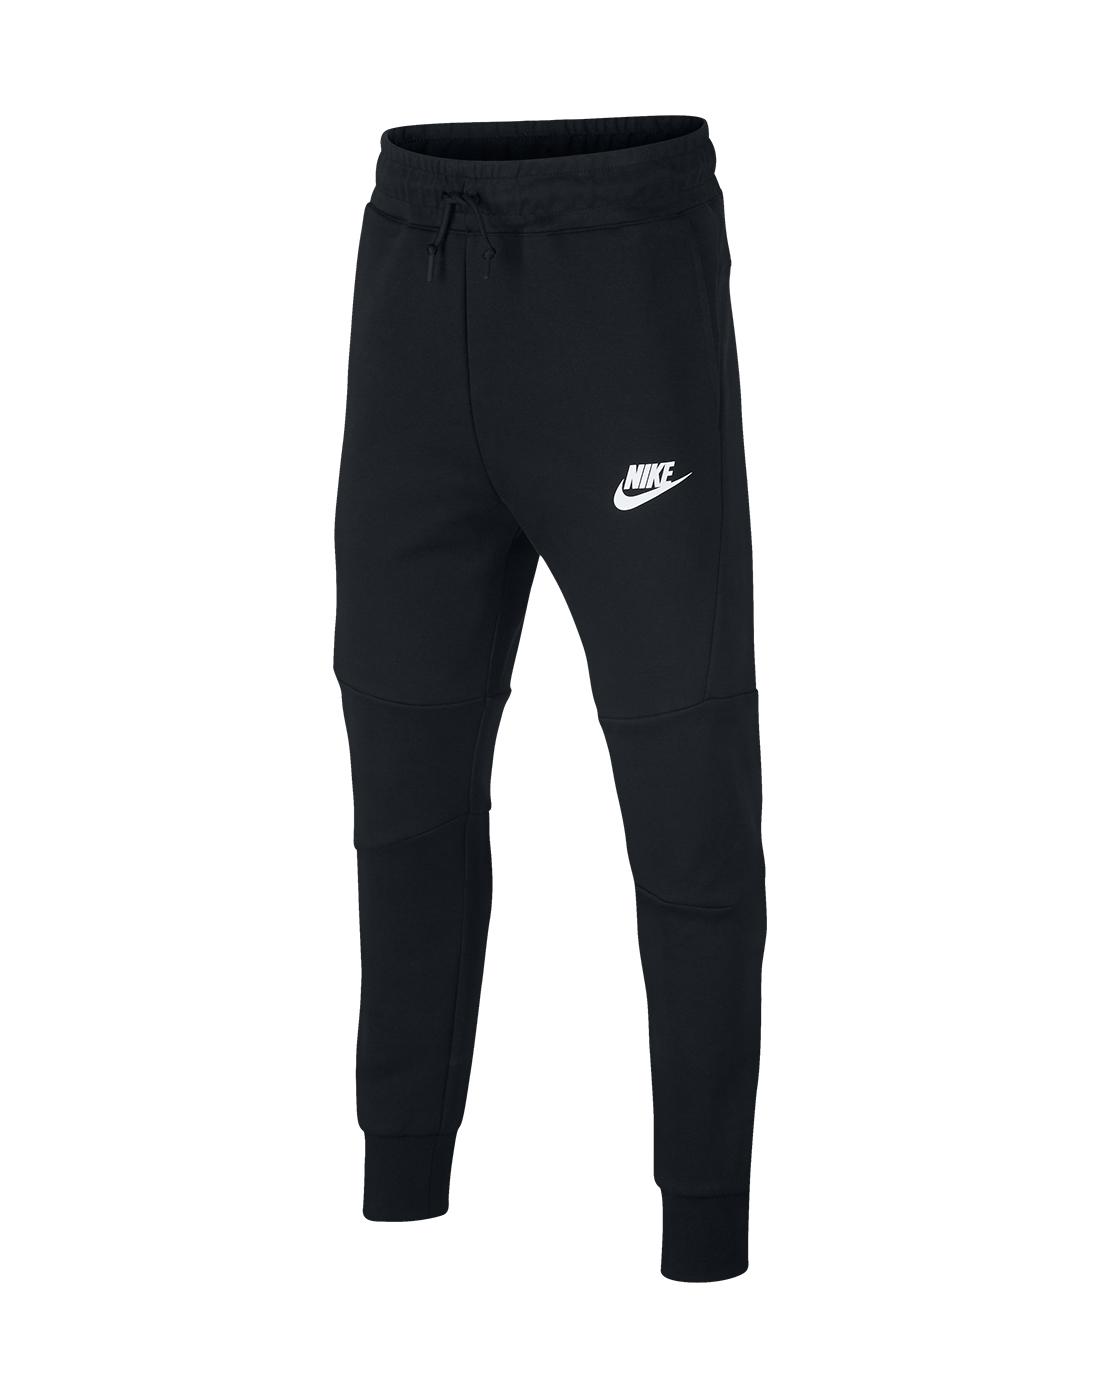 6d22c058e93a1 Boy's Black Nike Tech Fleece Pants   Life Style Sports